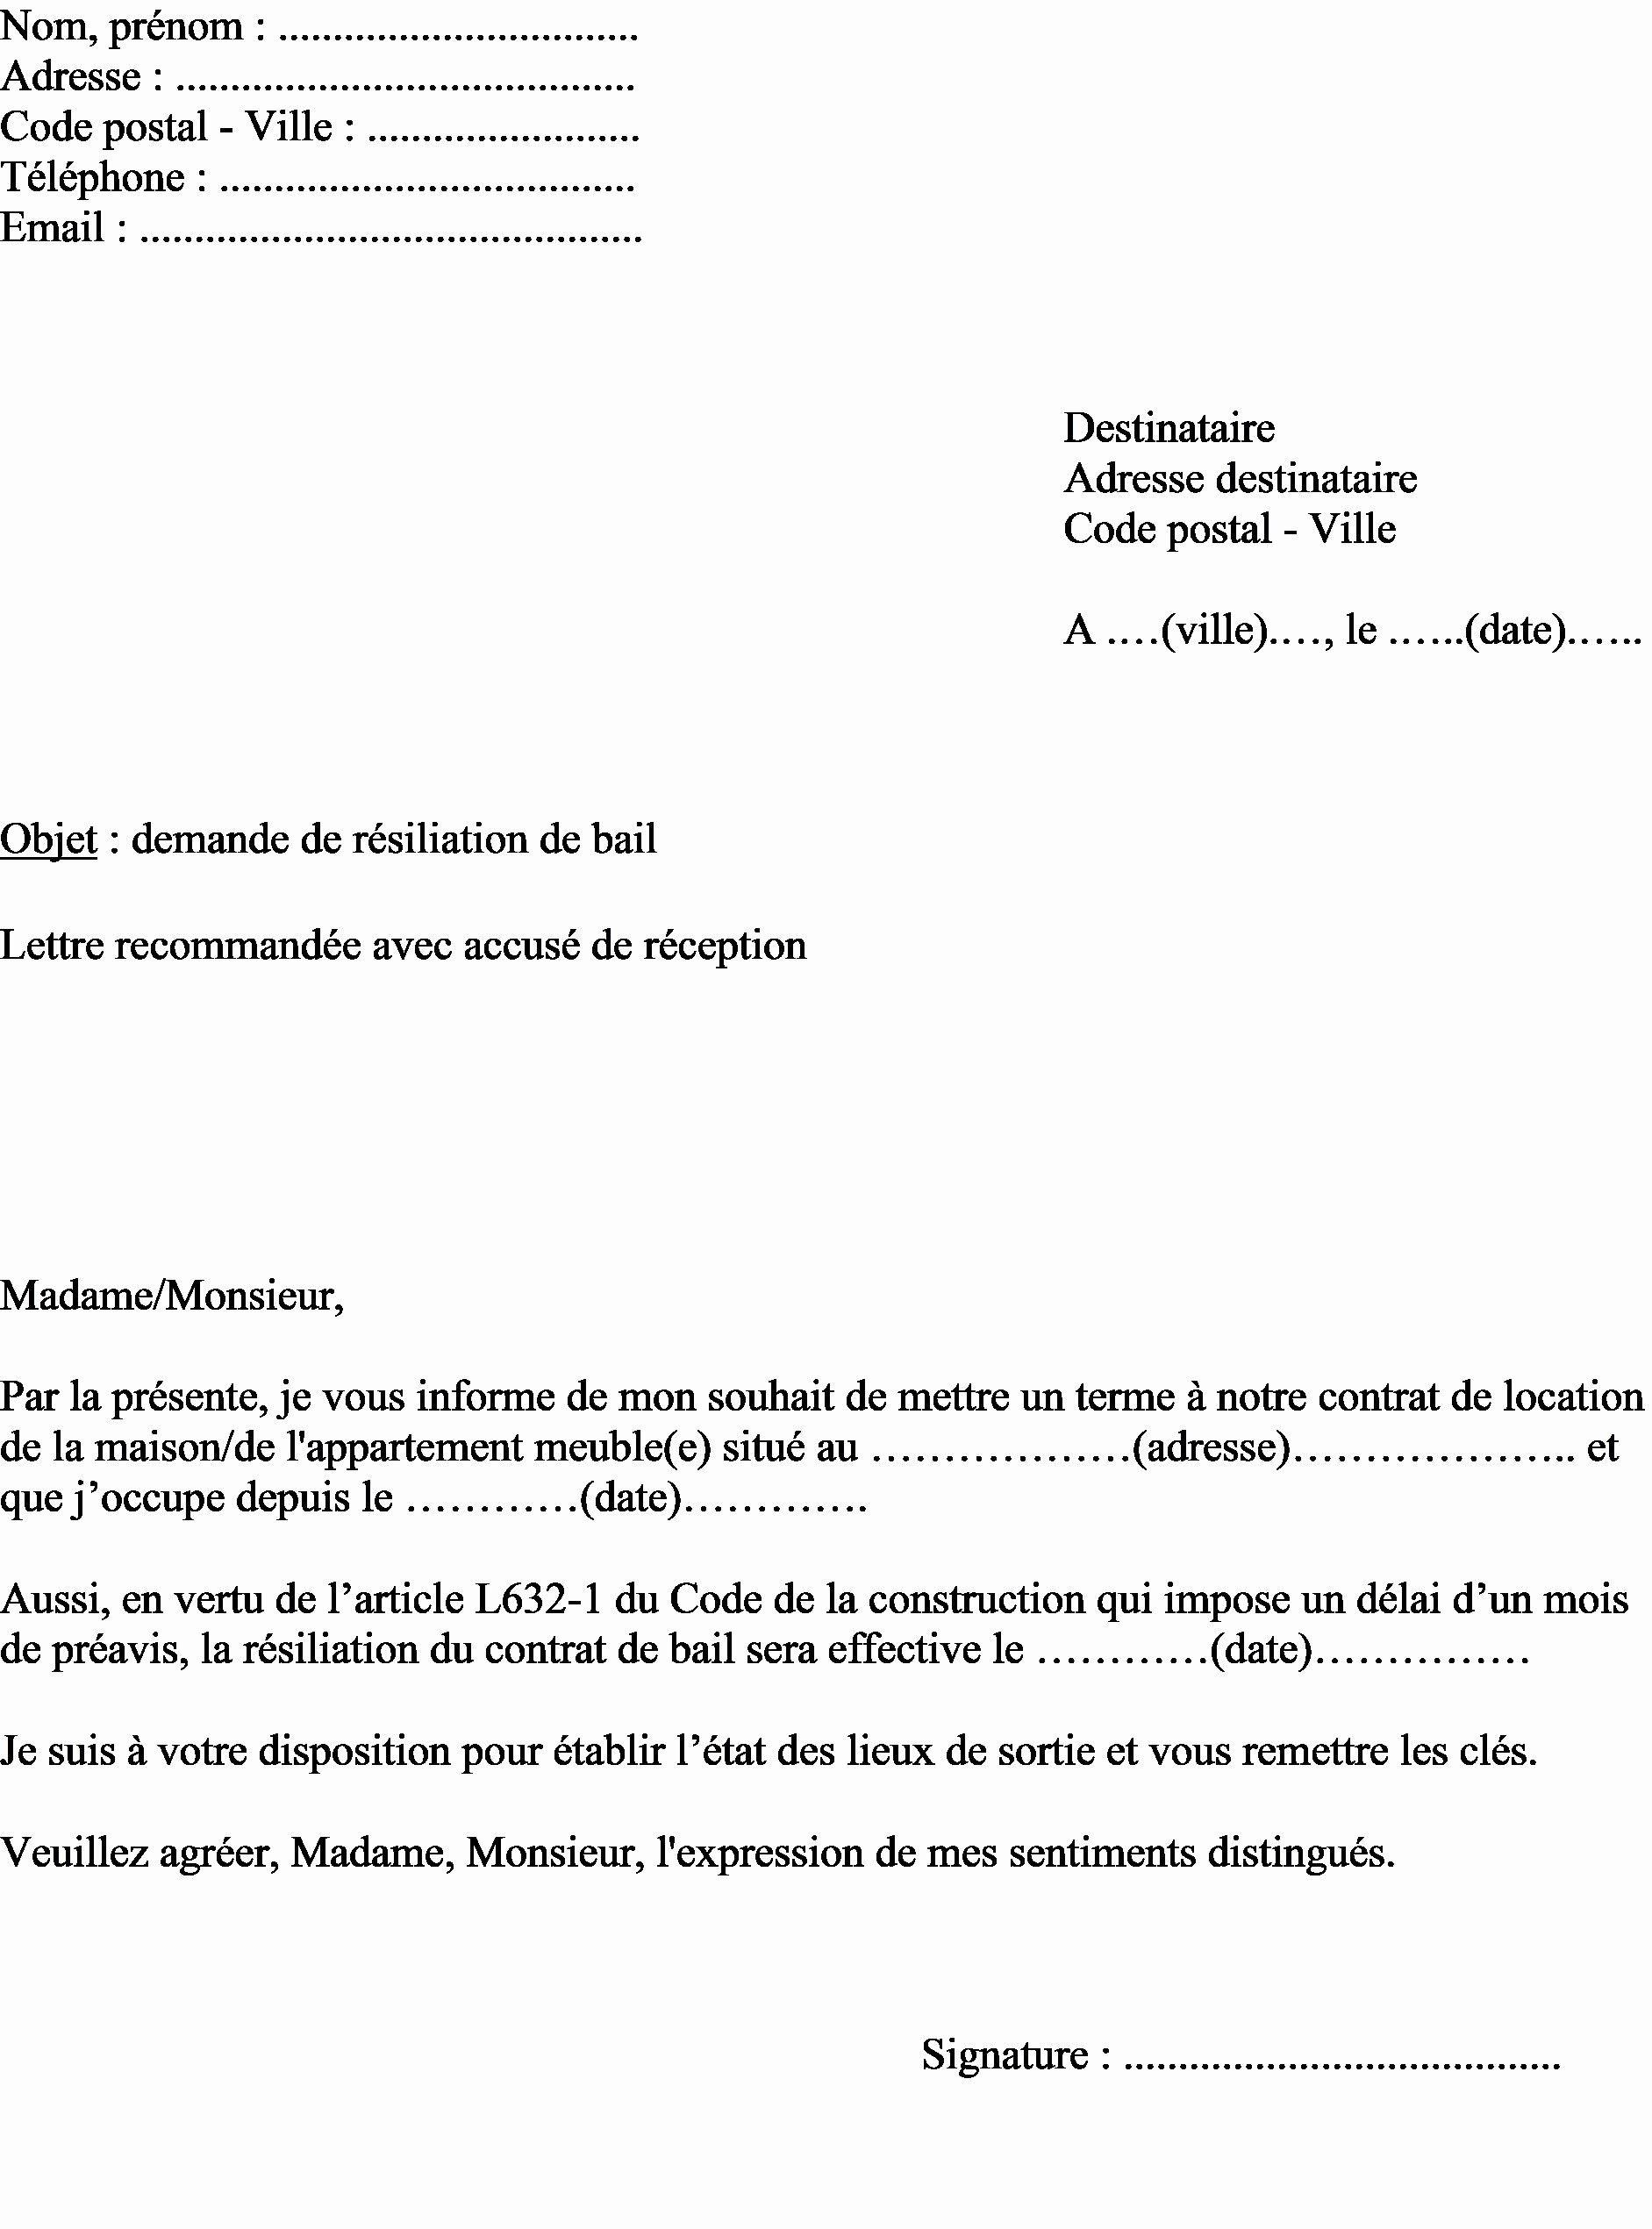 Lettre De Preavis Appartement Meuble Logement Non Newsindoco Davidreed Co Exemple De Lettre Exemple De Lettre De Motivation Lettre A